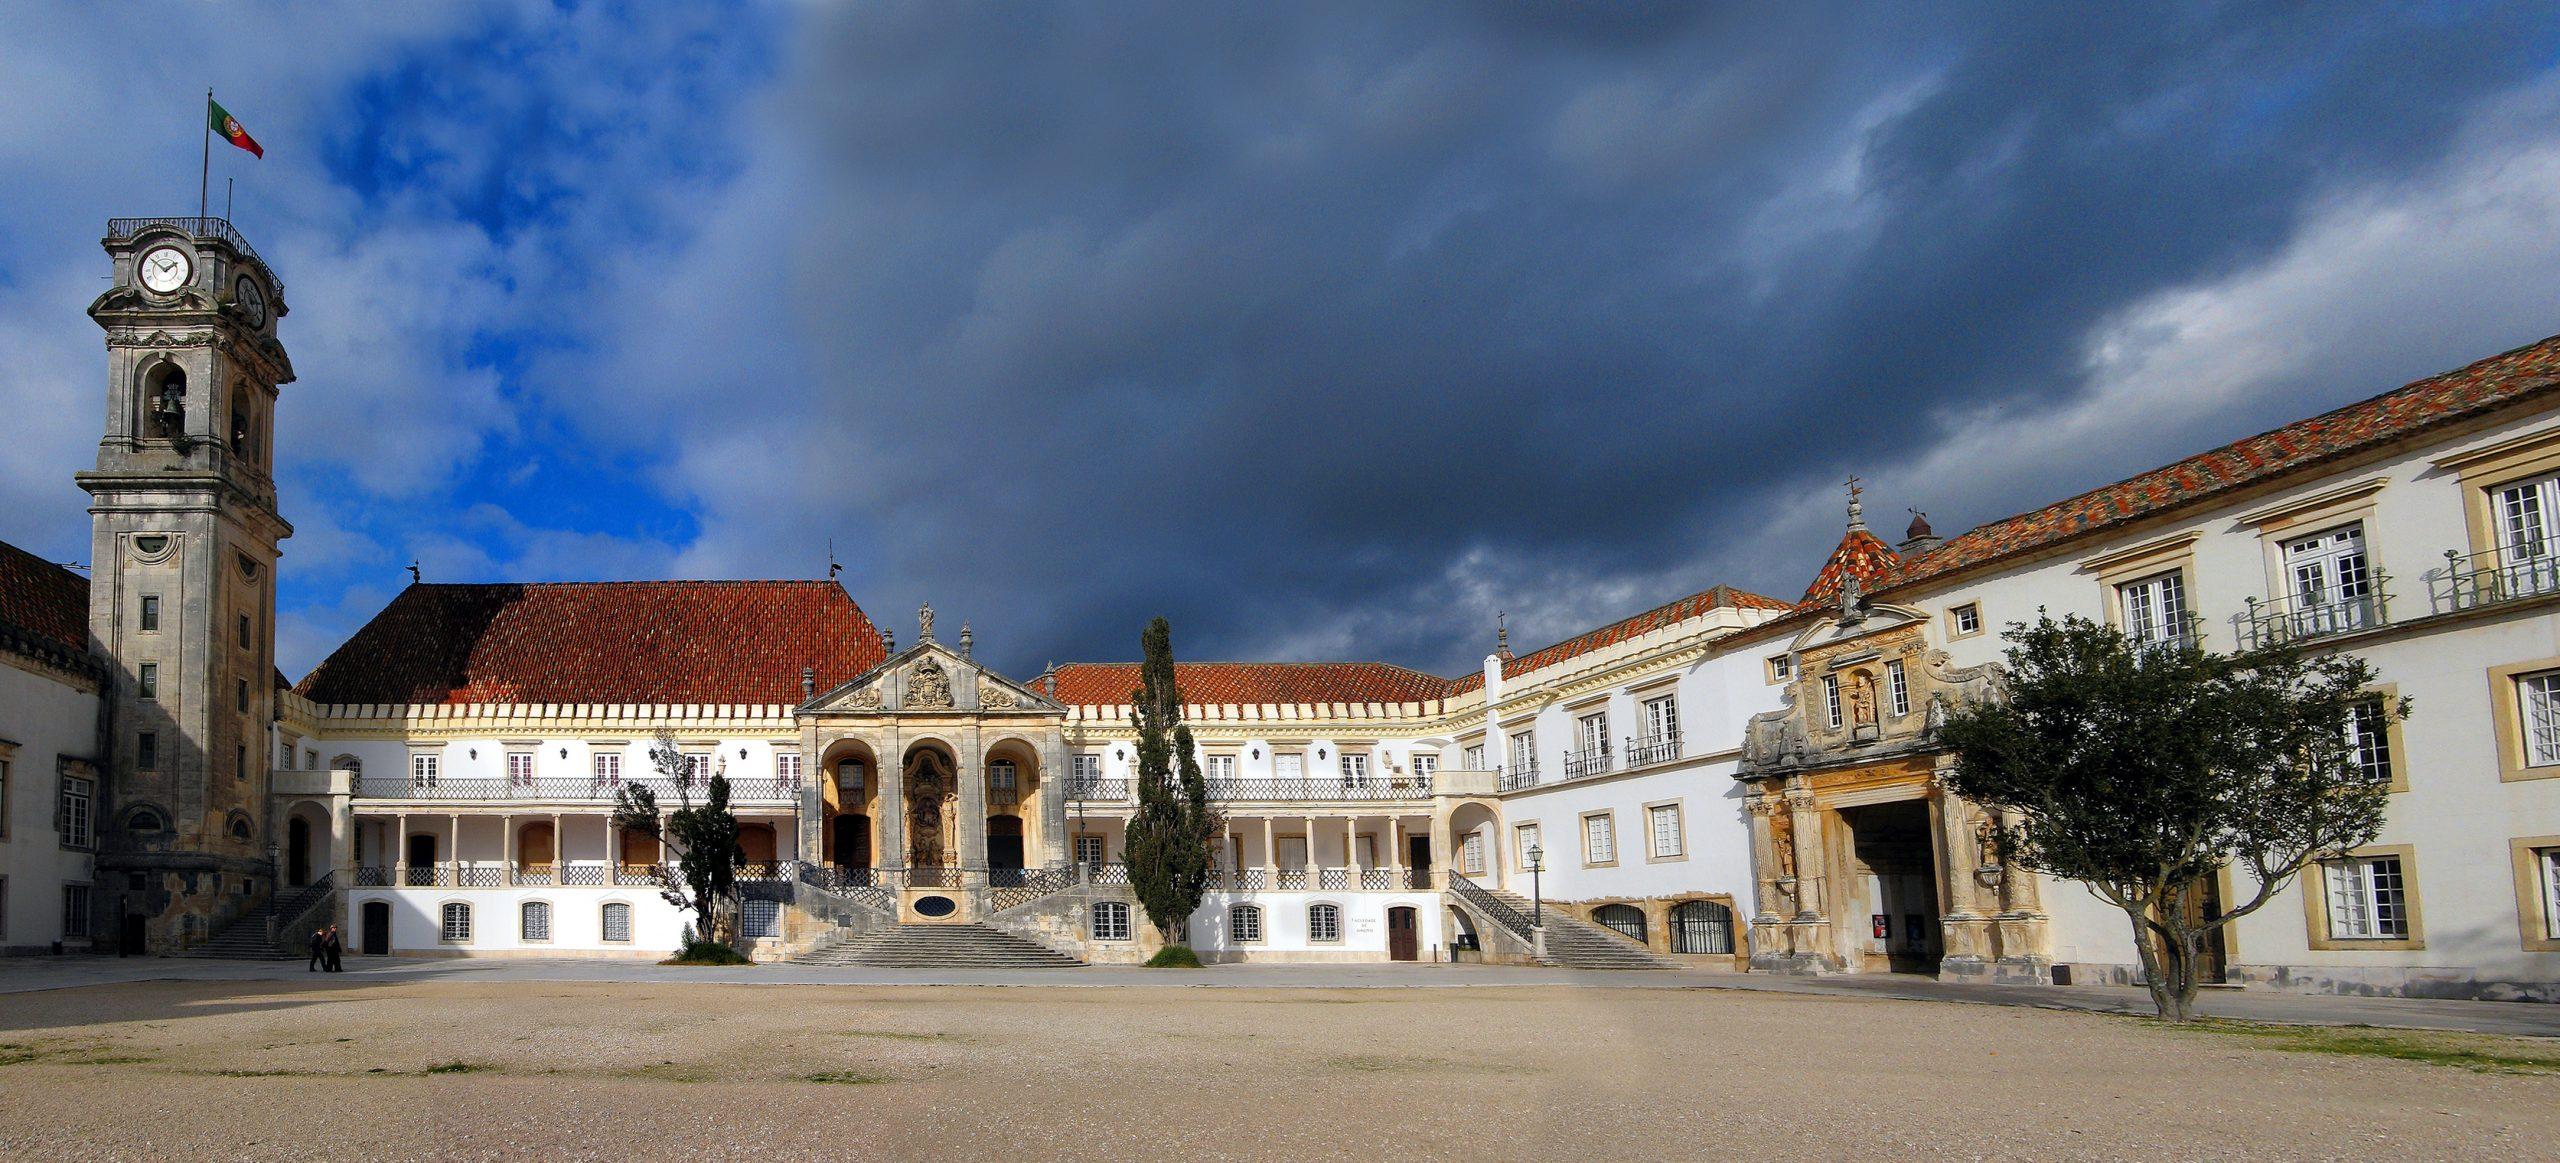 دانشگاه کویمبرا پرتغال